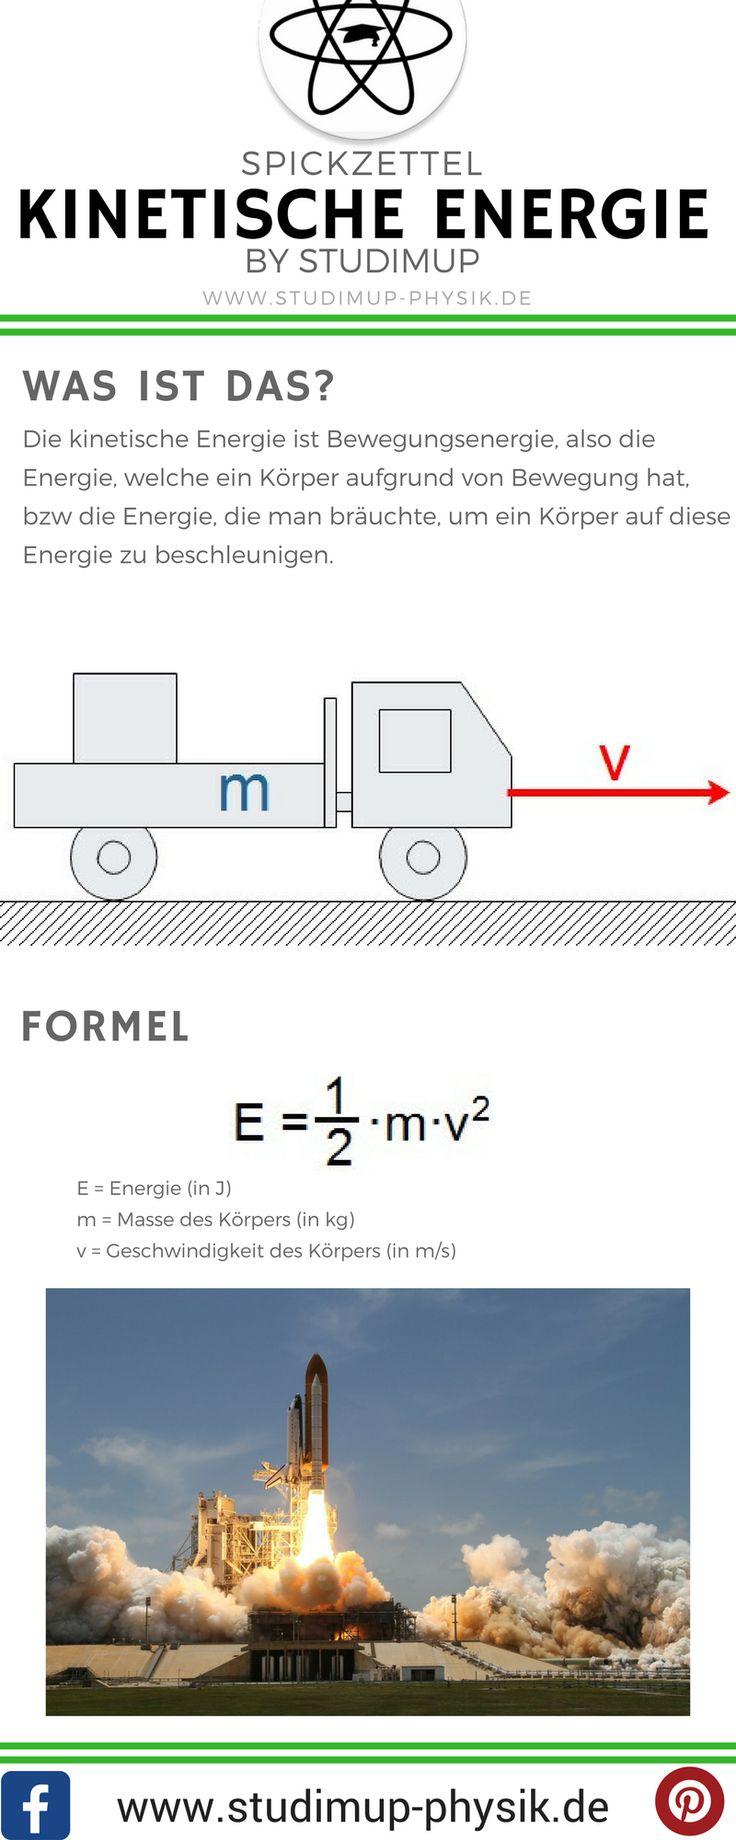 Spickzettel zur kinetischen Energie. Physik einfach lernen mit Studimup. – carrie jaberg